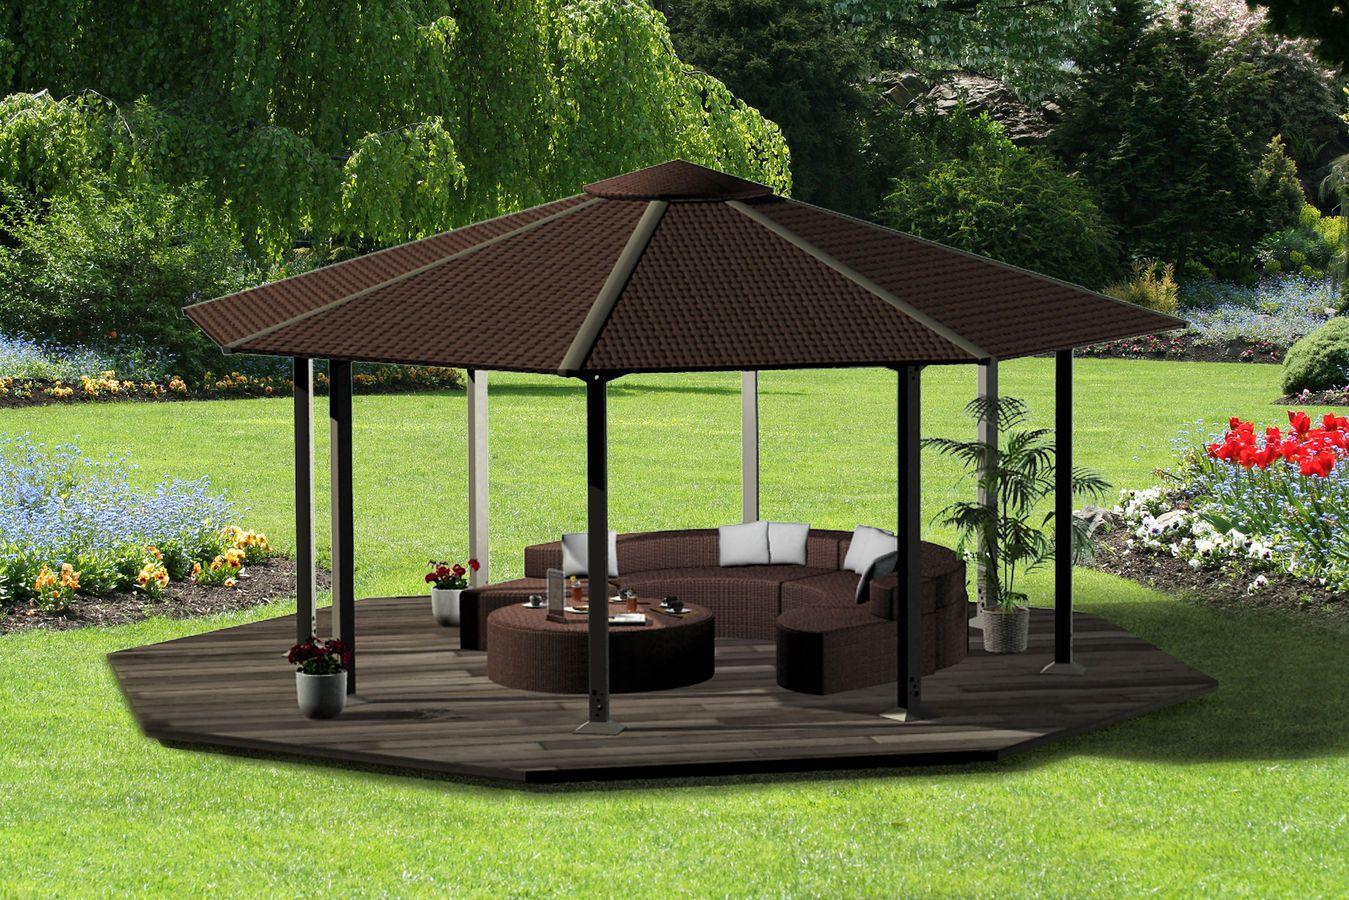 gazebo-plans-blueprints-03 | Outdoor Haven | Pinterest | Gazebo ...